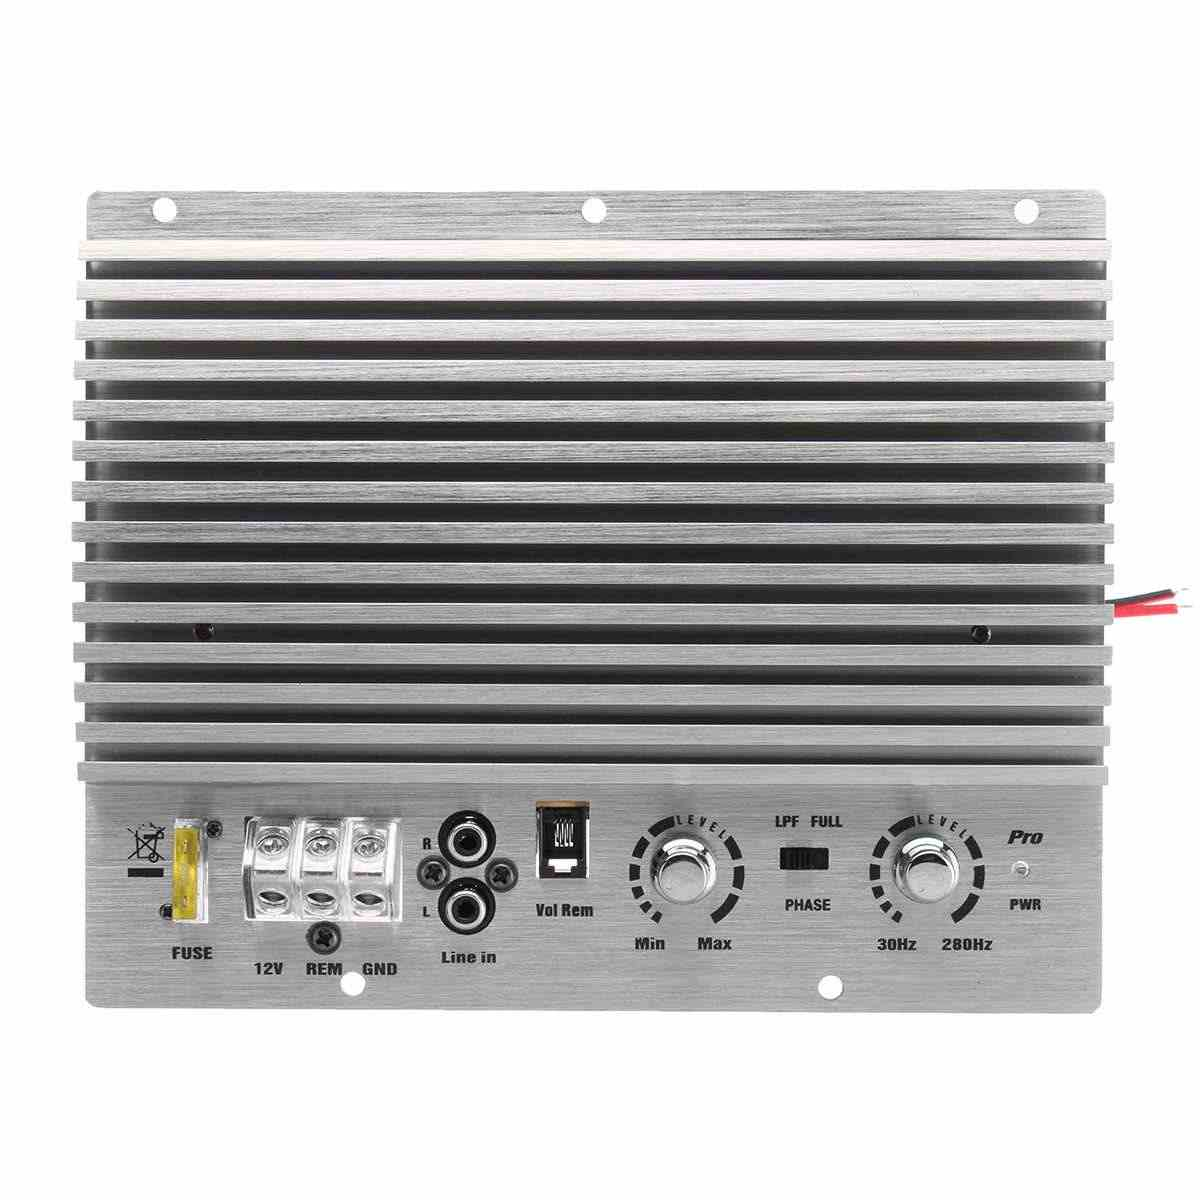 1 шт. 12 В 1000 Вт моно автомобильный аудио усилитель высокой мощности плата мощный бас сабвуфер усилитель 213 мм x 173 мм